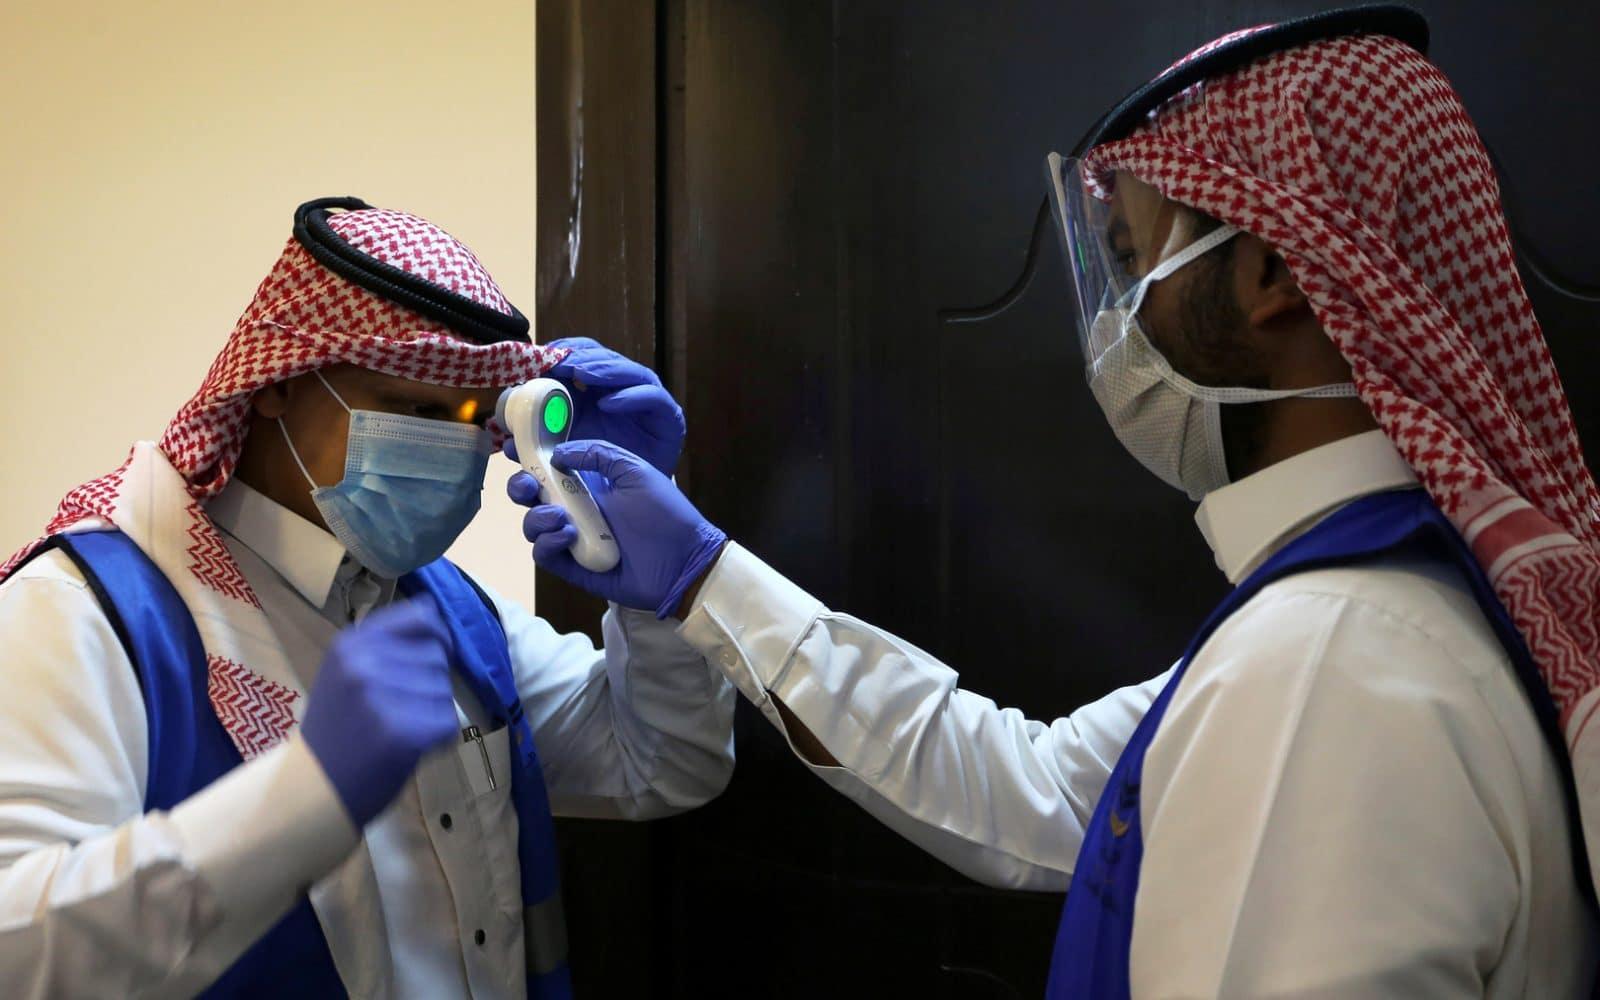 الصحة السعودية تعلن تسجيل 2171 إصابة جديدة بكورونا و الإجمالي يرتفع إلى 91182